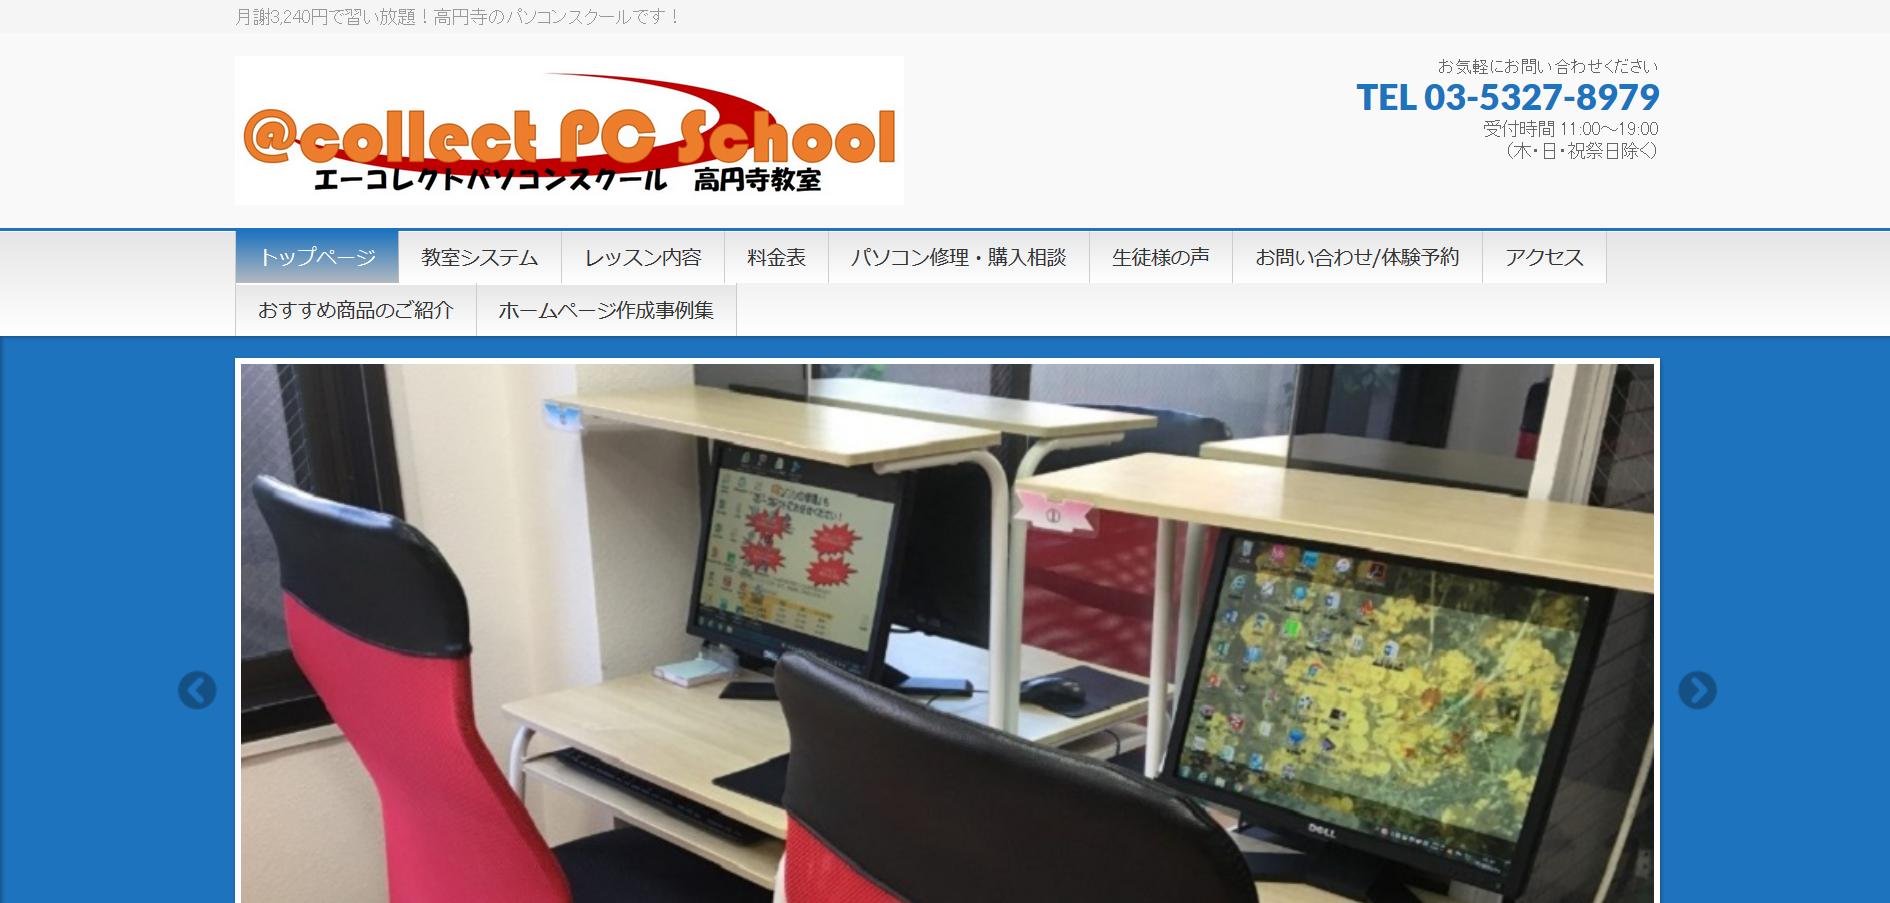 エーコレクトパソコンスクール 高円寺教室の評判・口コミ